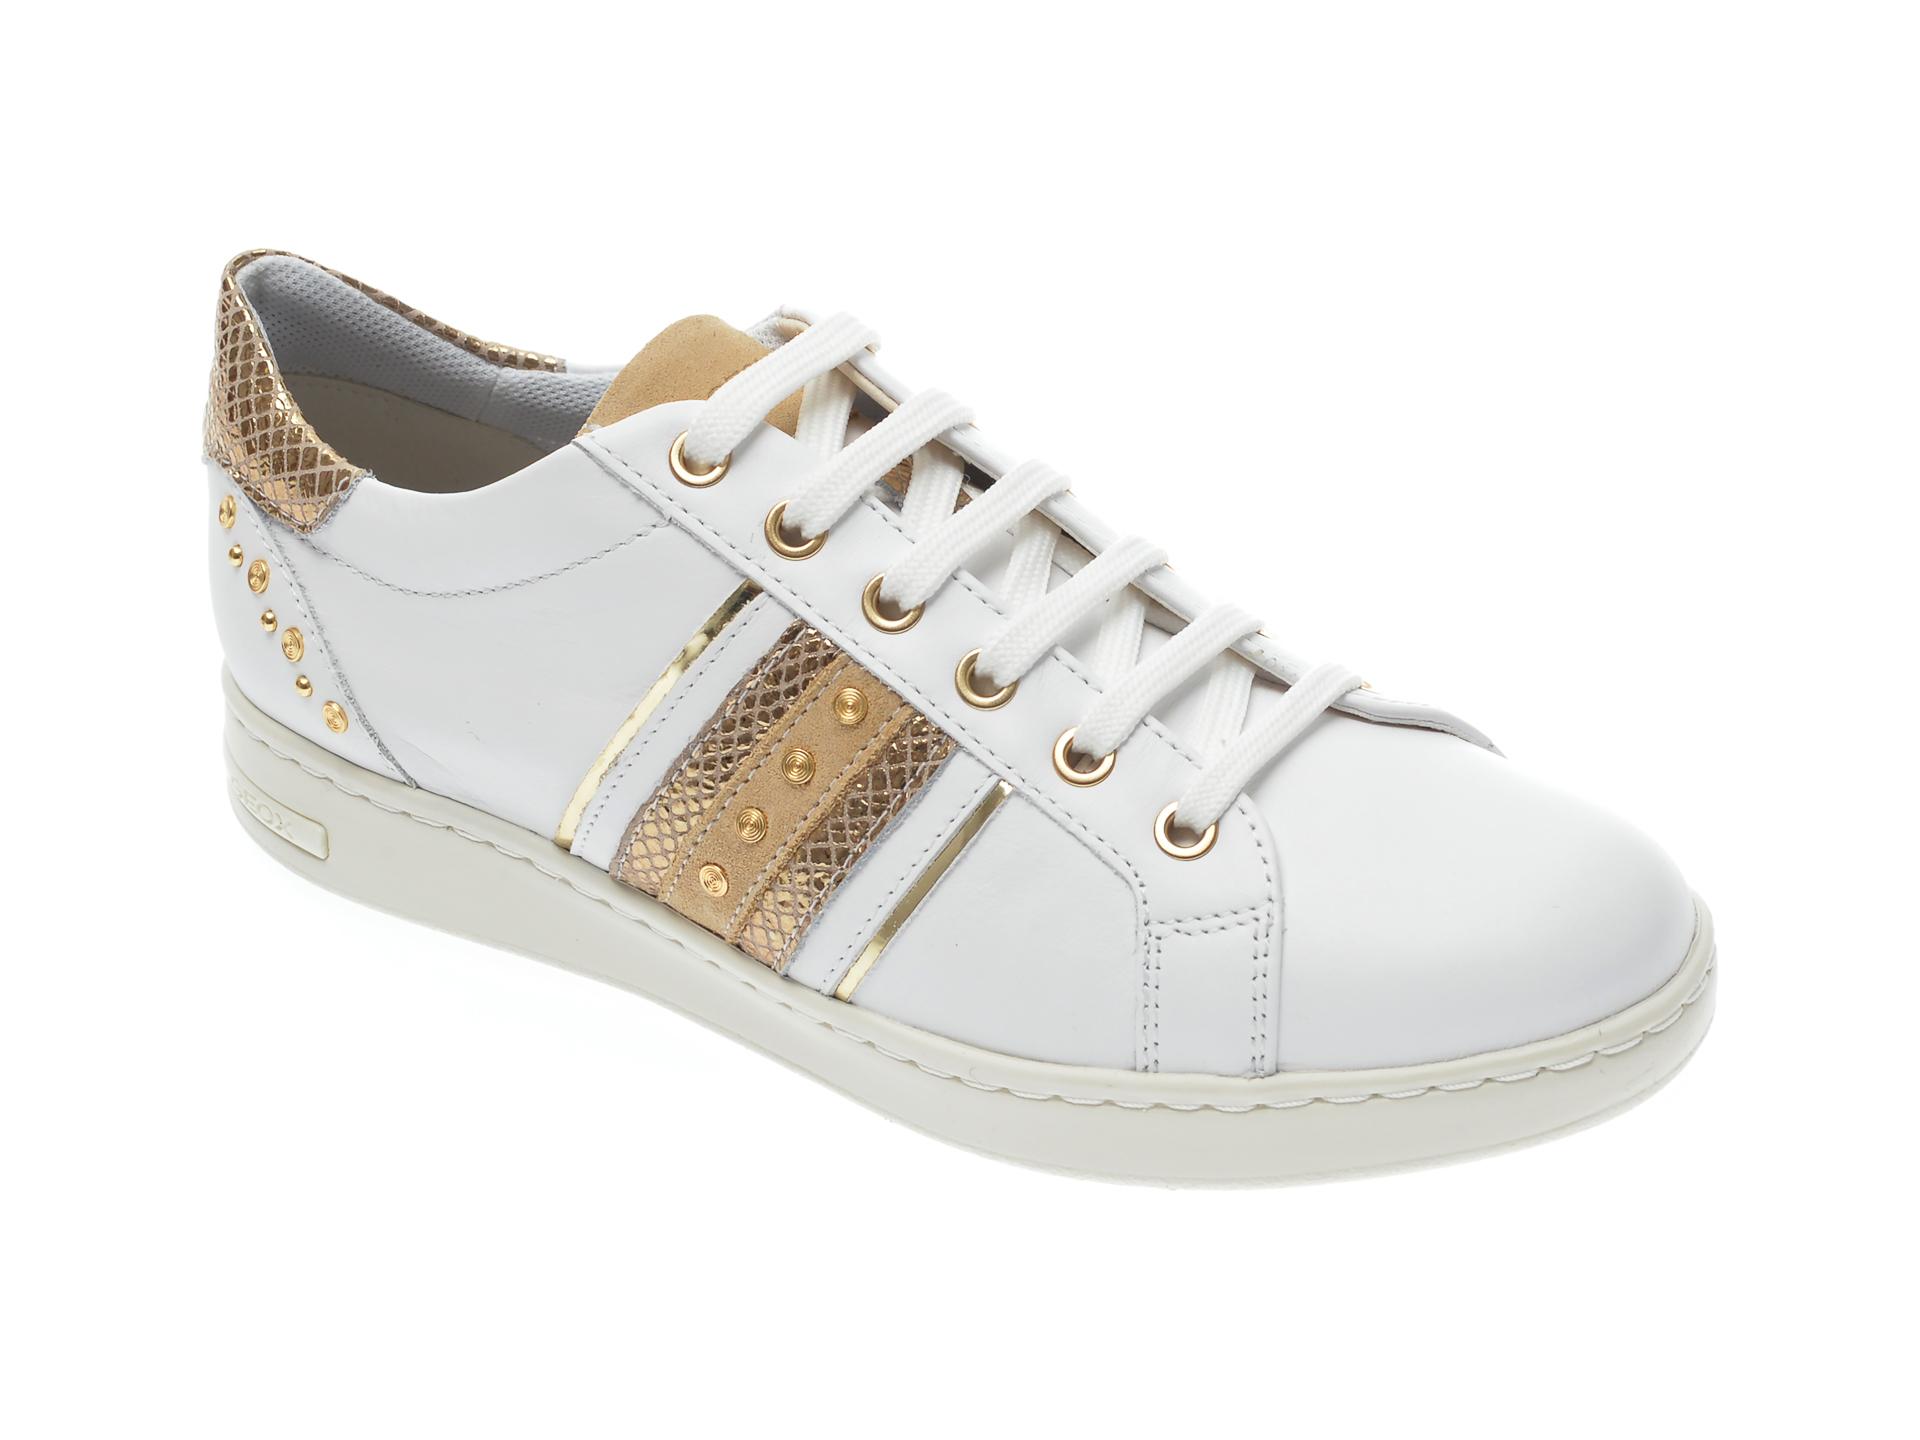 Pantofi sport GEOX albi, D151BA, din piele naturala